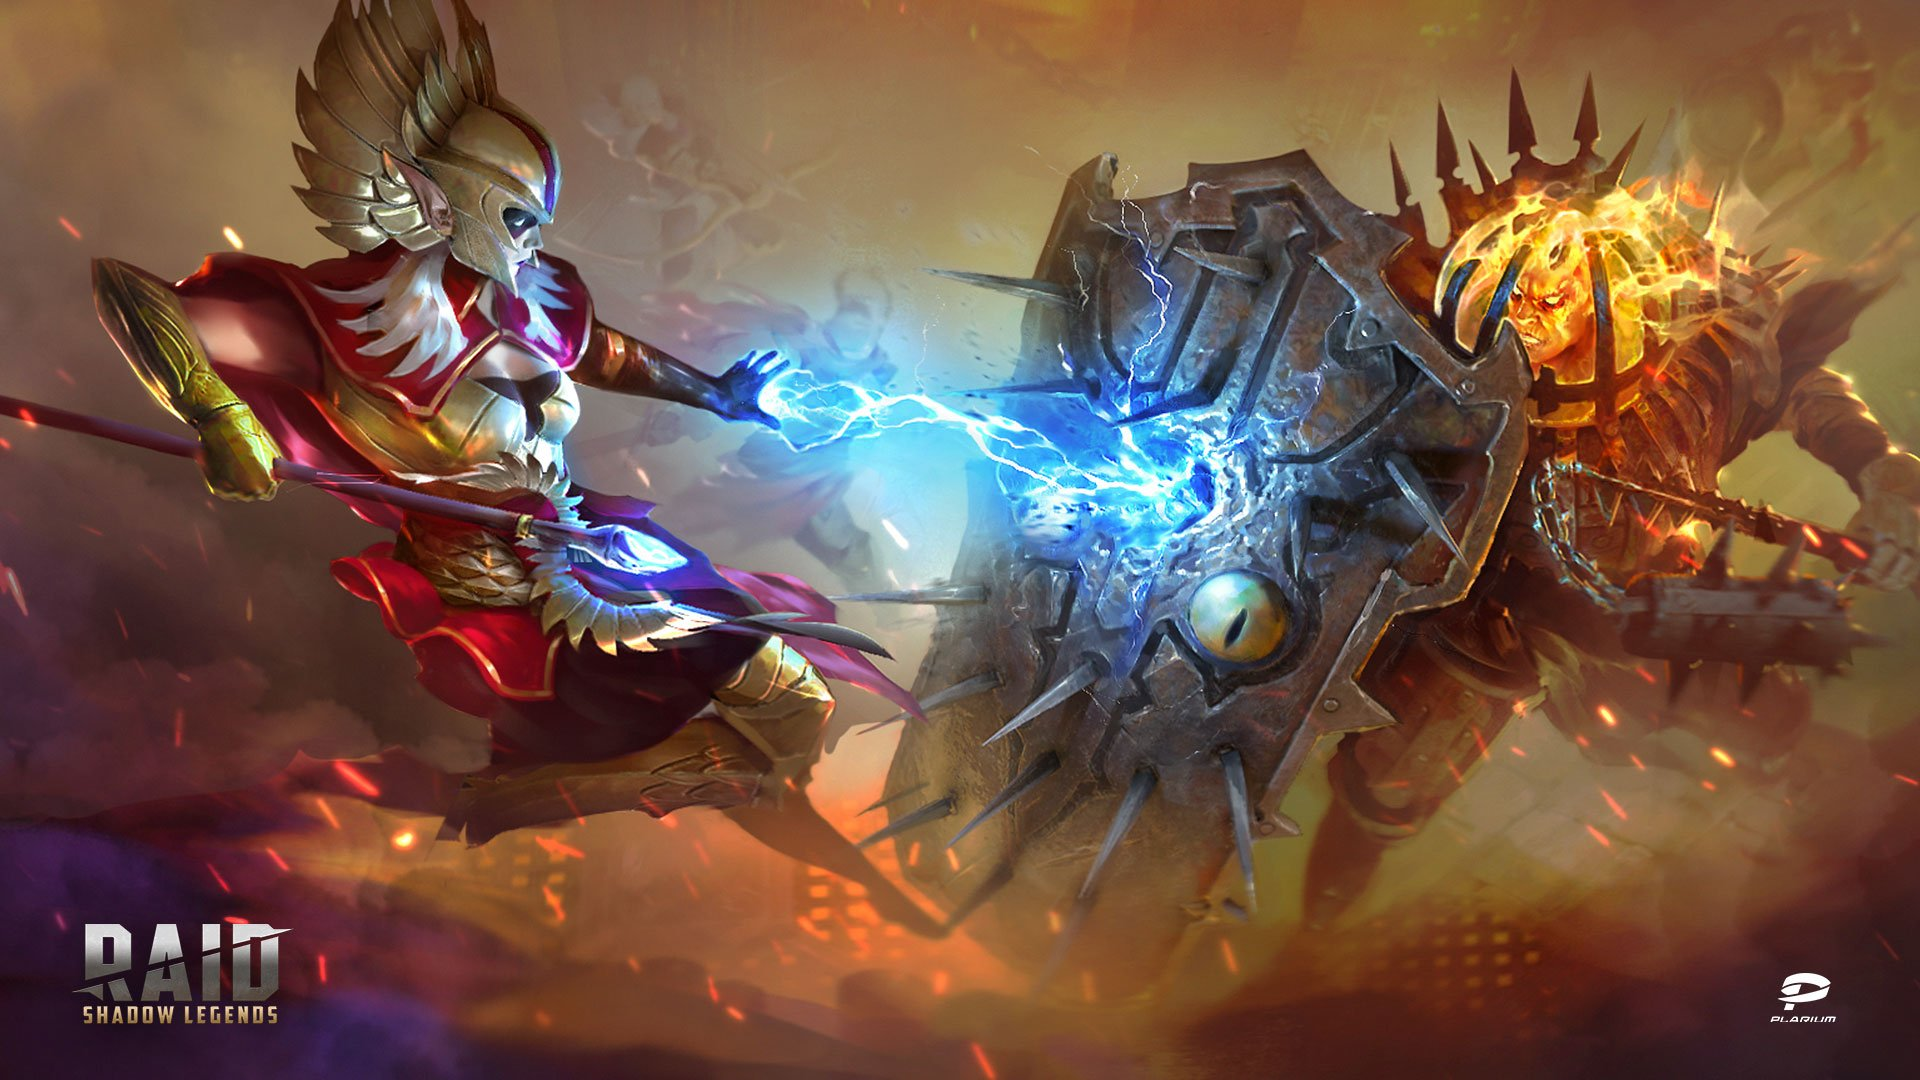 Comment les dommages des champions de Raid Shadow Legends sont évalués ?